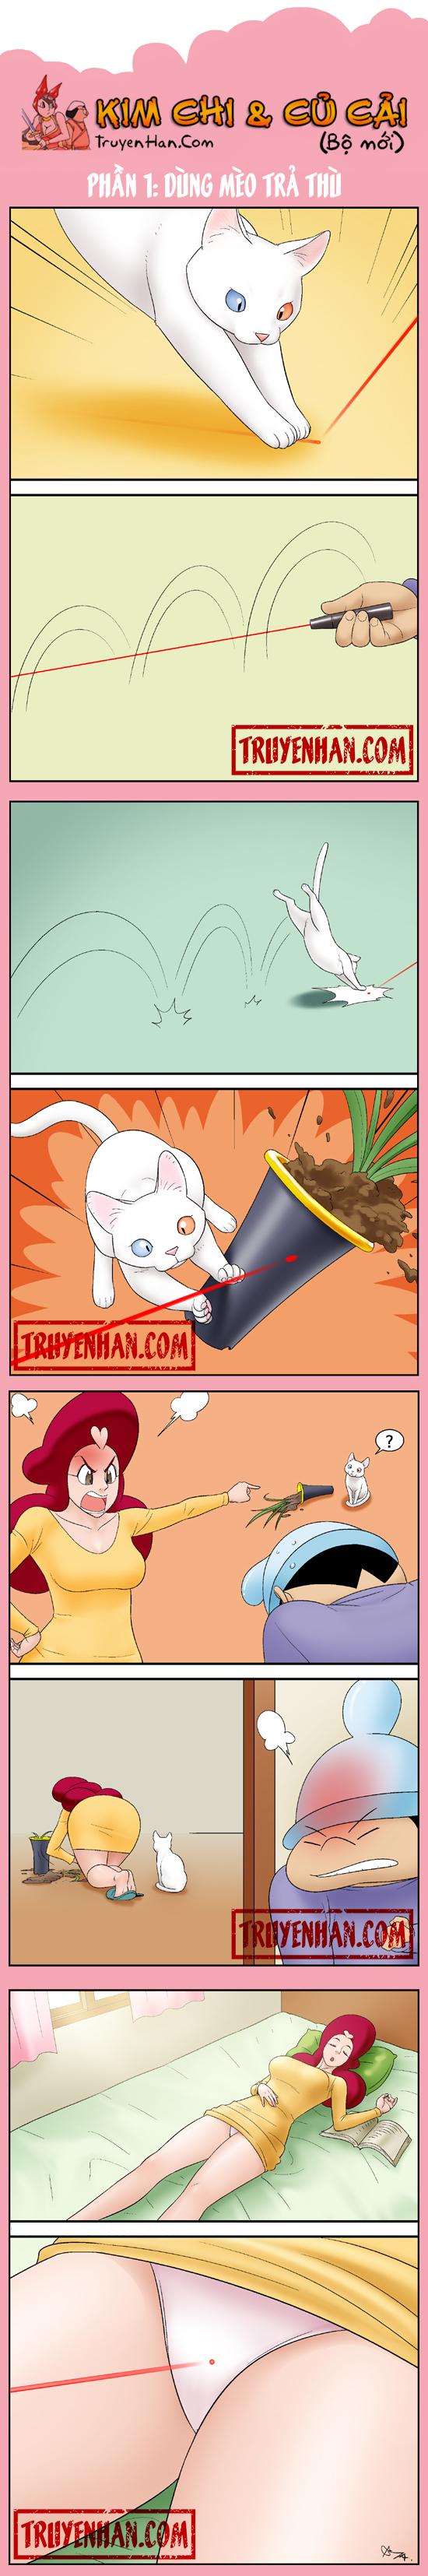 Kim Chi & Củ Cải (bộ mới) phần 1: Dùng mèo trả thù